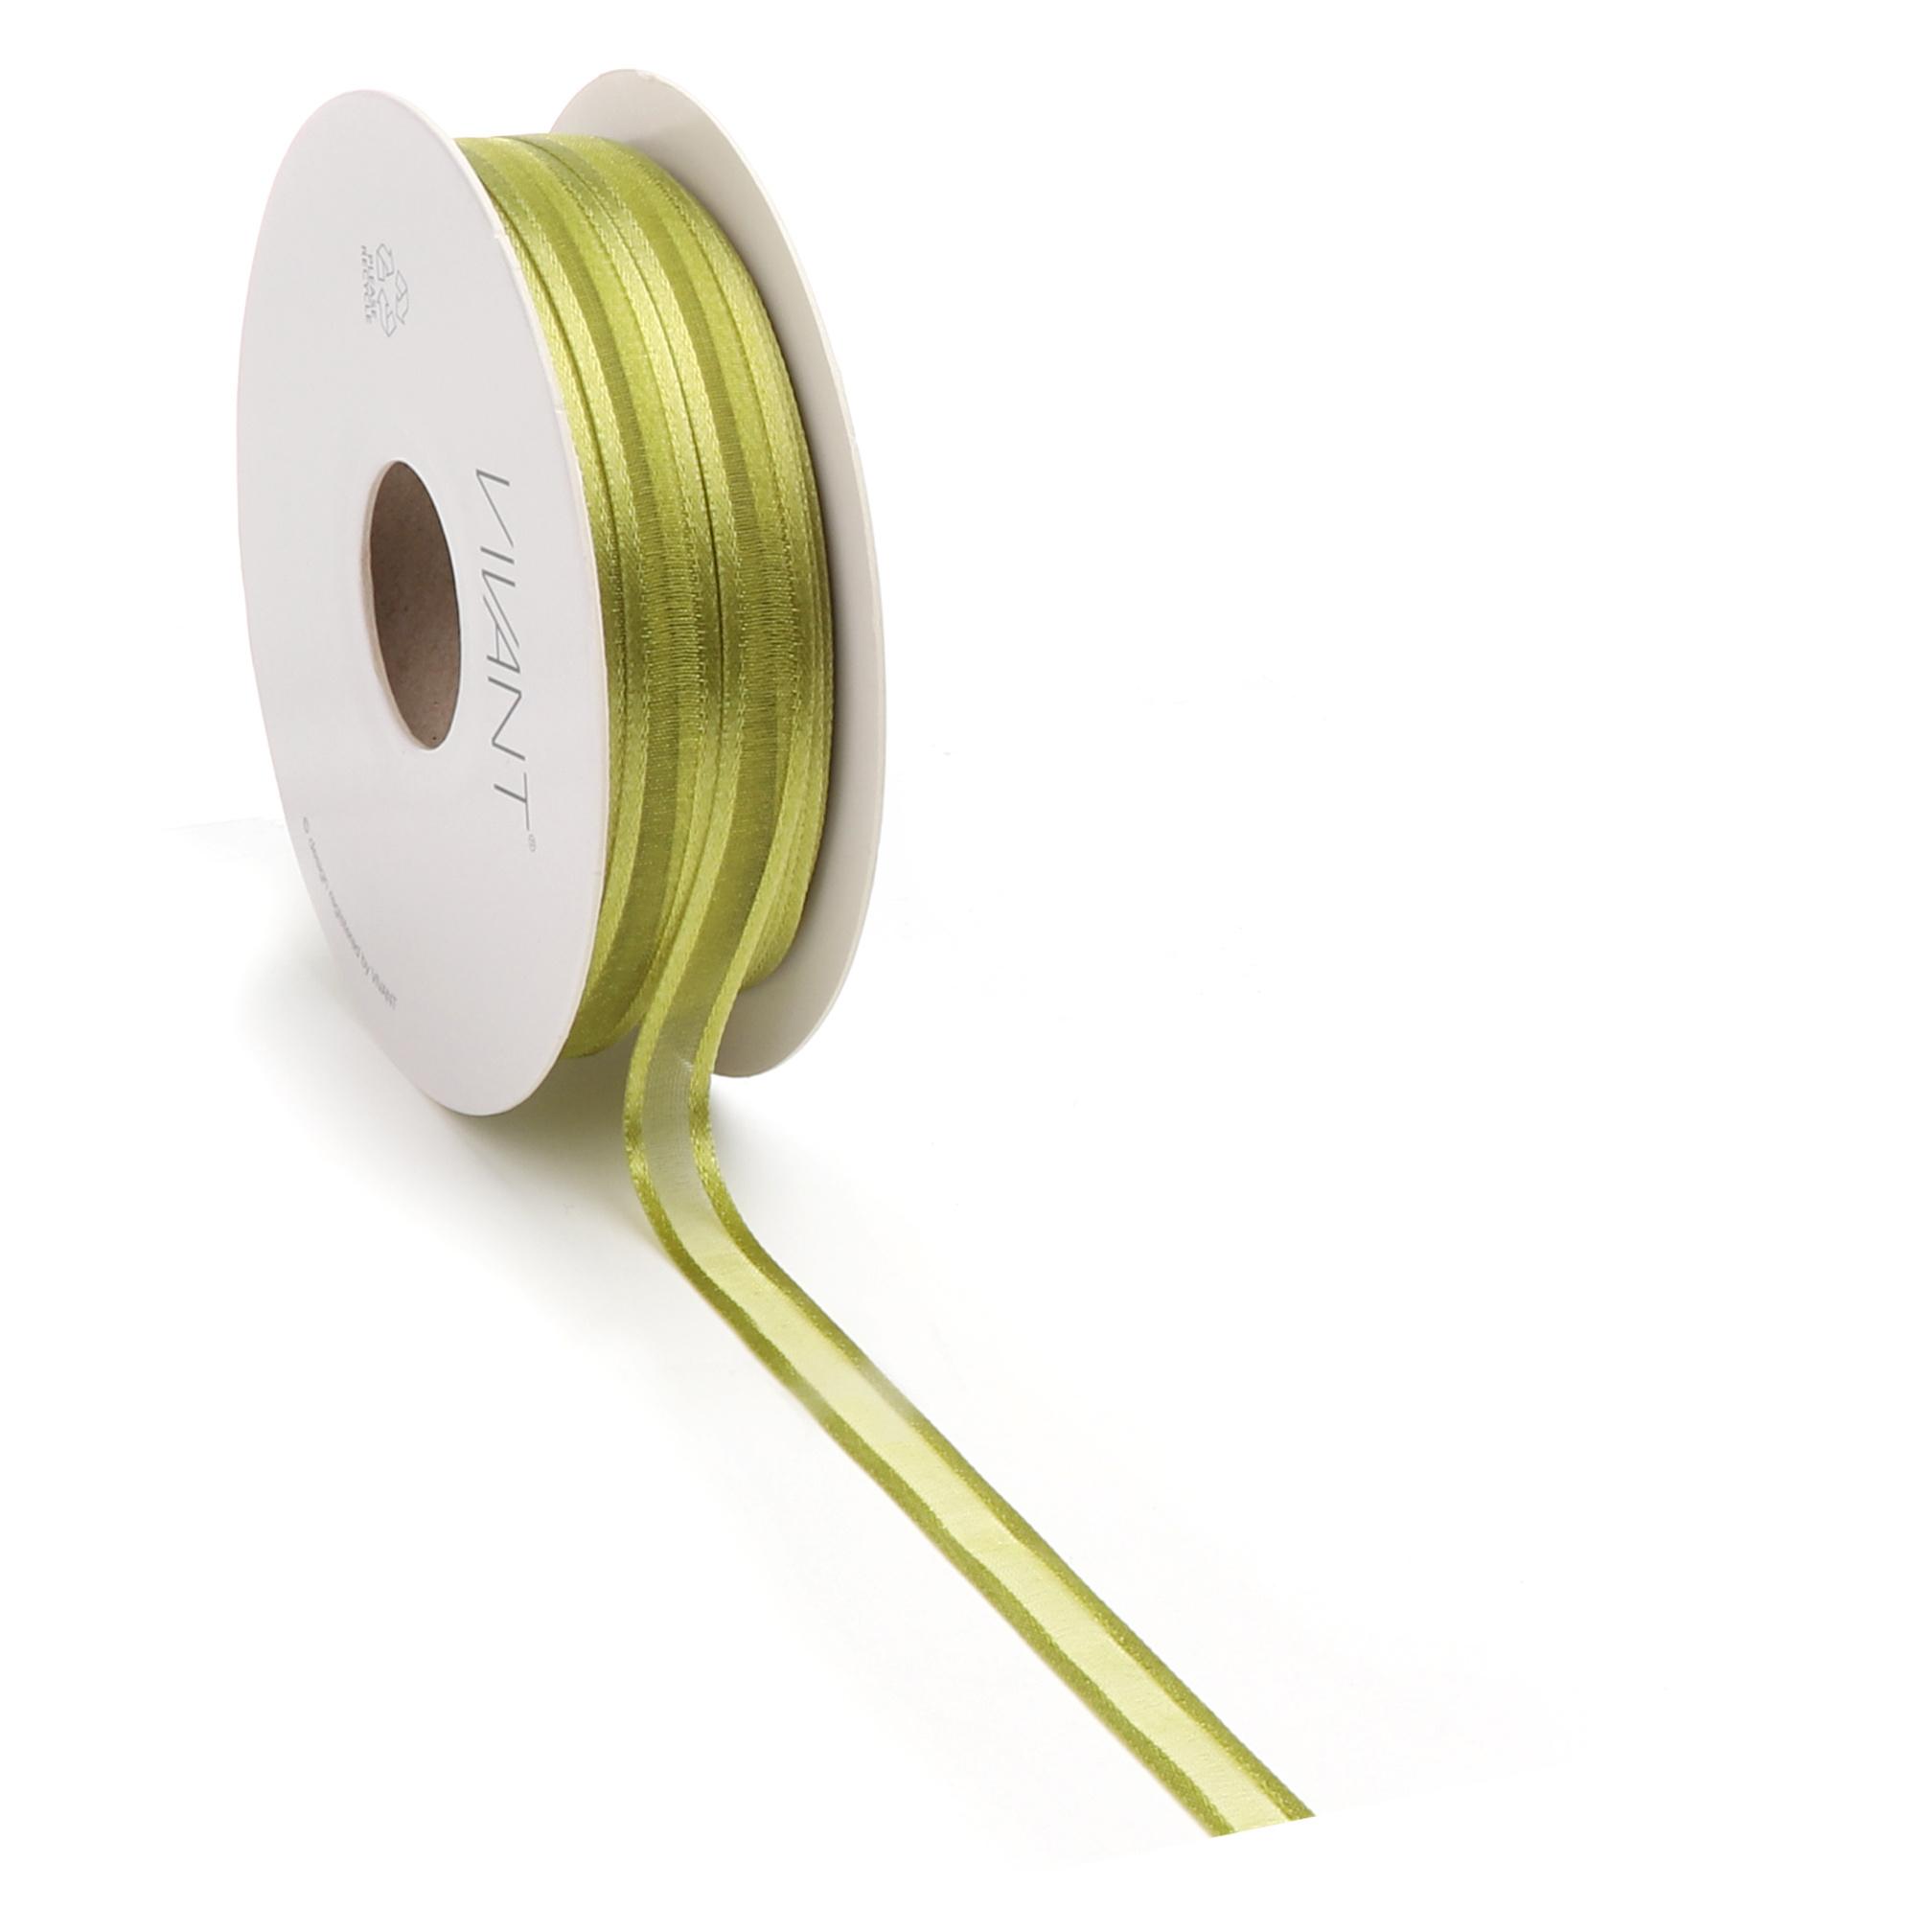 Prego woven edge Band - Spring Green